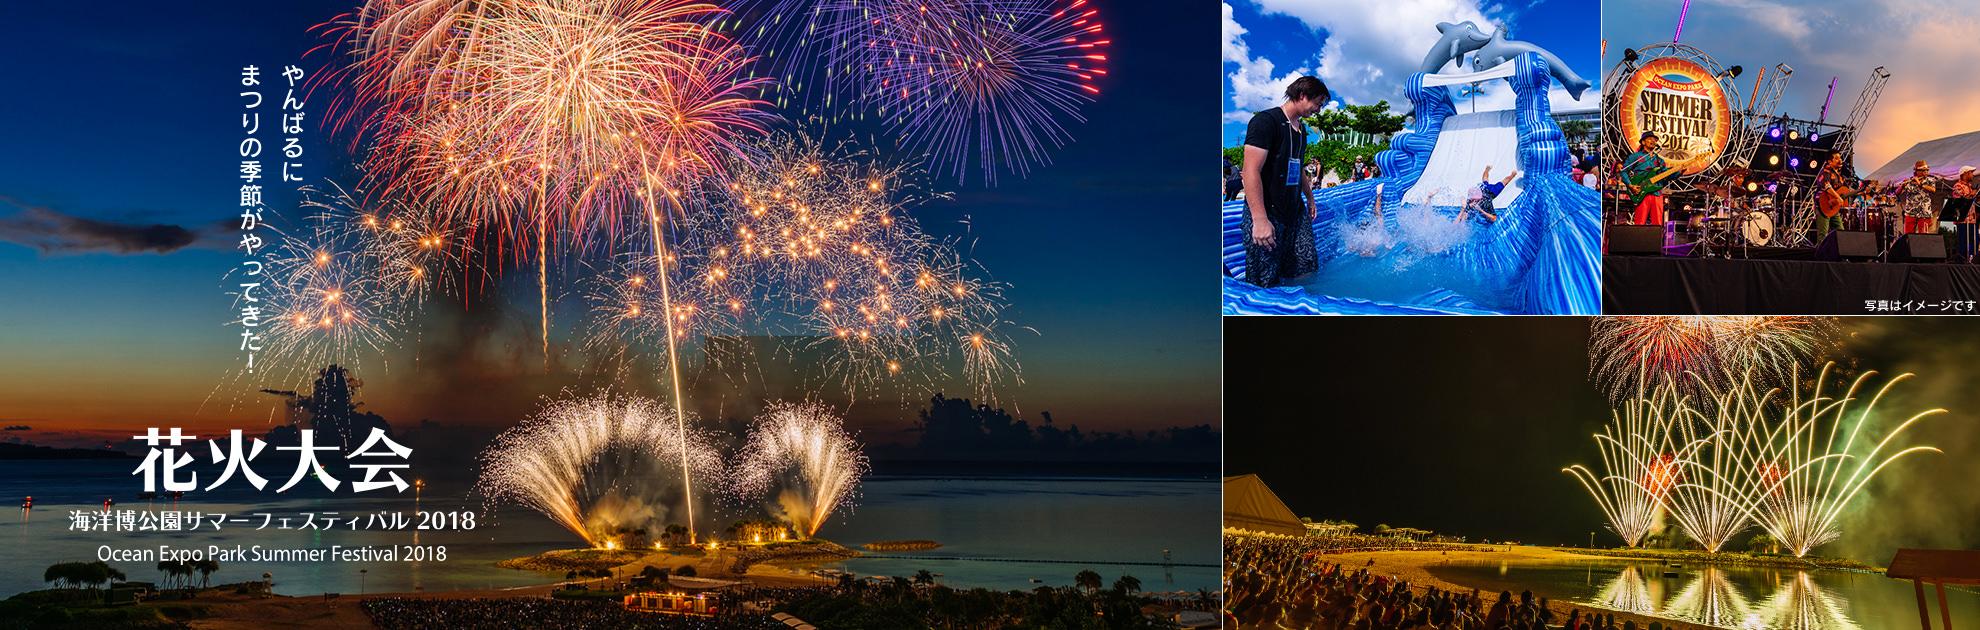 Ocean Expo Park summer festival 2018 (the 40th Ocean Expo Park fireworks display)